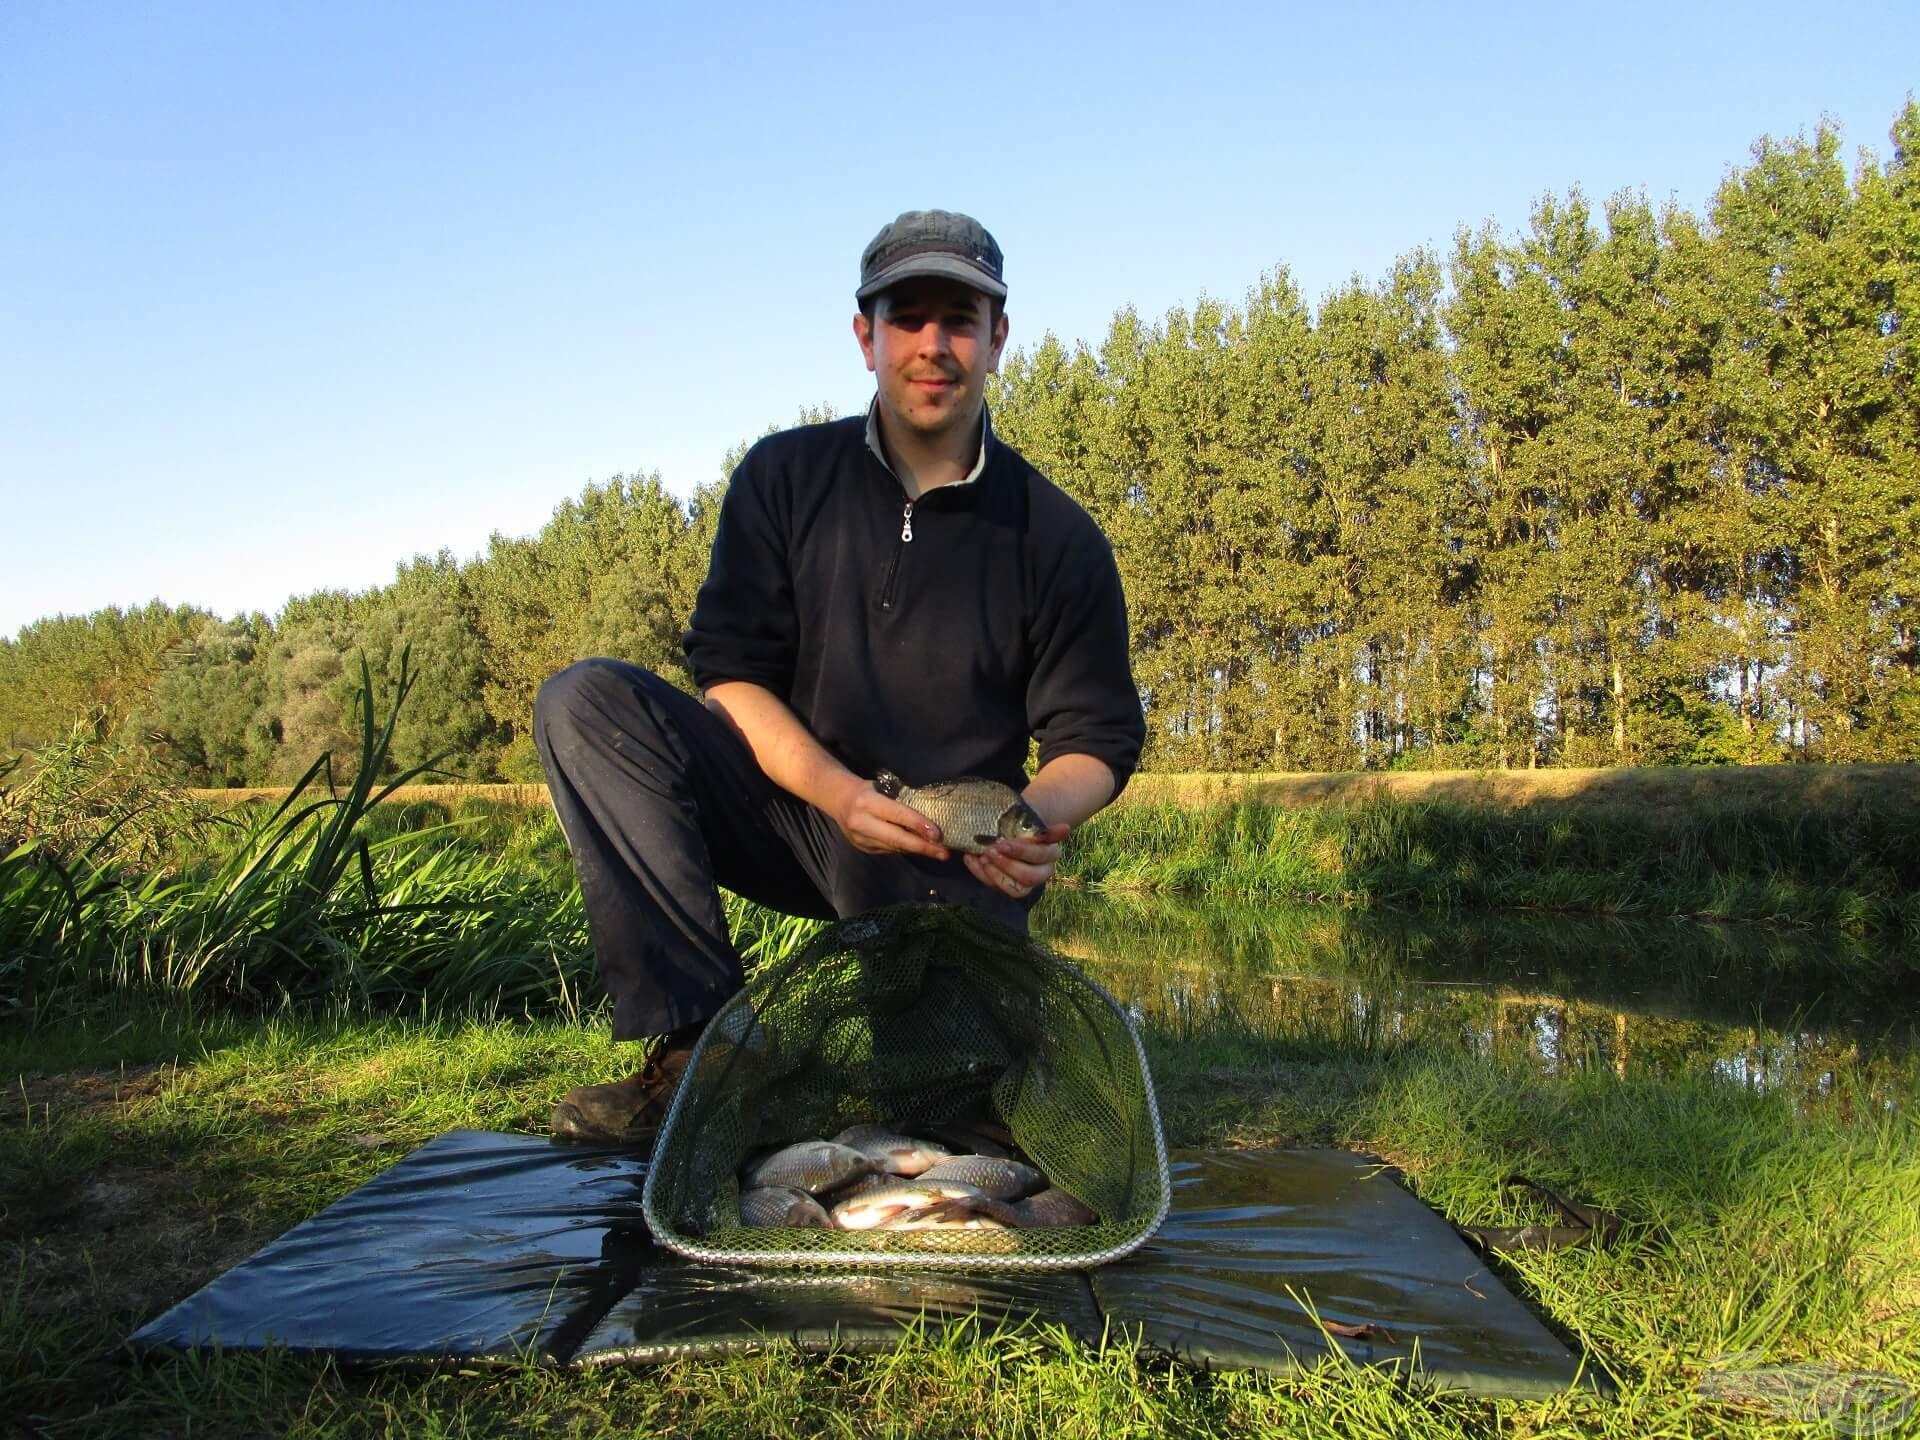 A kárászokat és a törpeharcsát hazavittem. Idegenhonos halak, ezért nem jó, ha jelen vannak egy természetes vízben